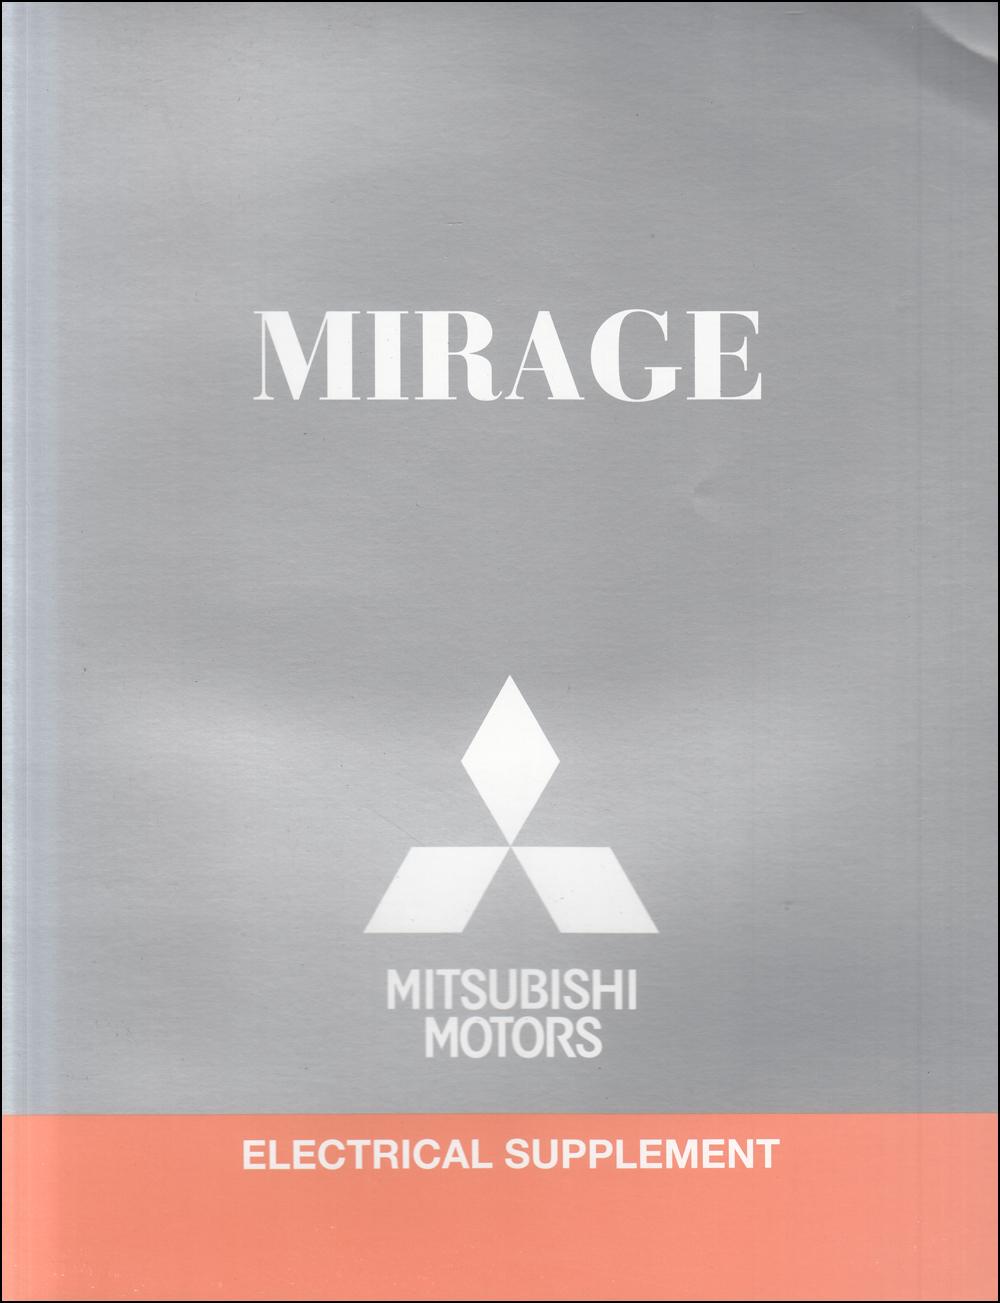 2017 Mitsubishi Mirage Wiring Diagram Manual Original